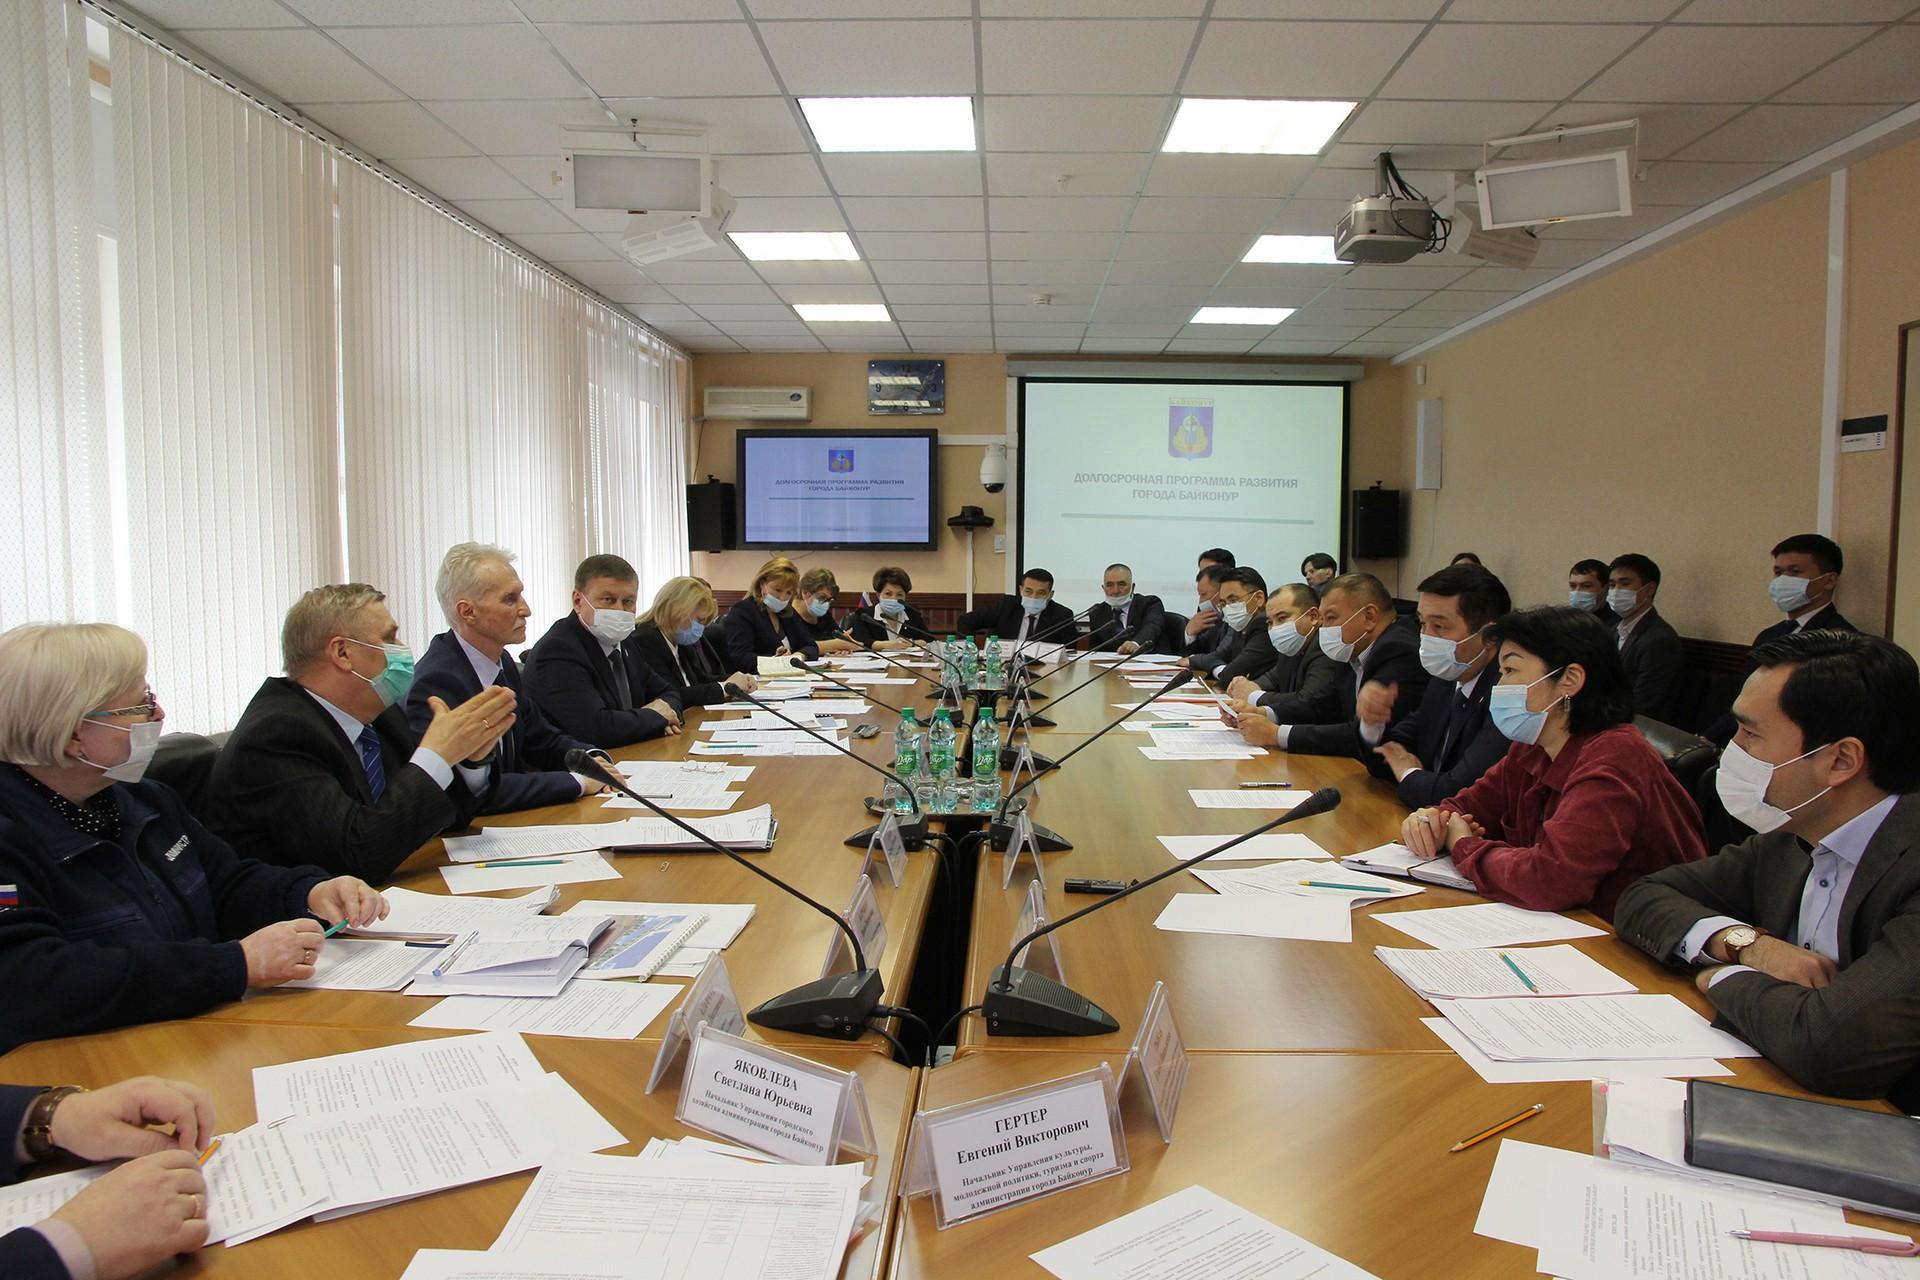 Состоялась встреча по Долгосрочной программе развития города